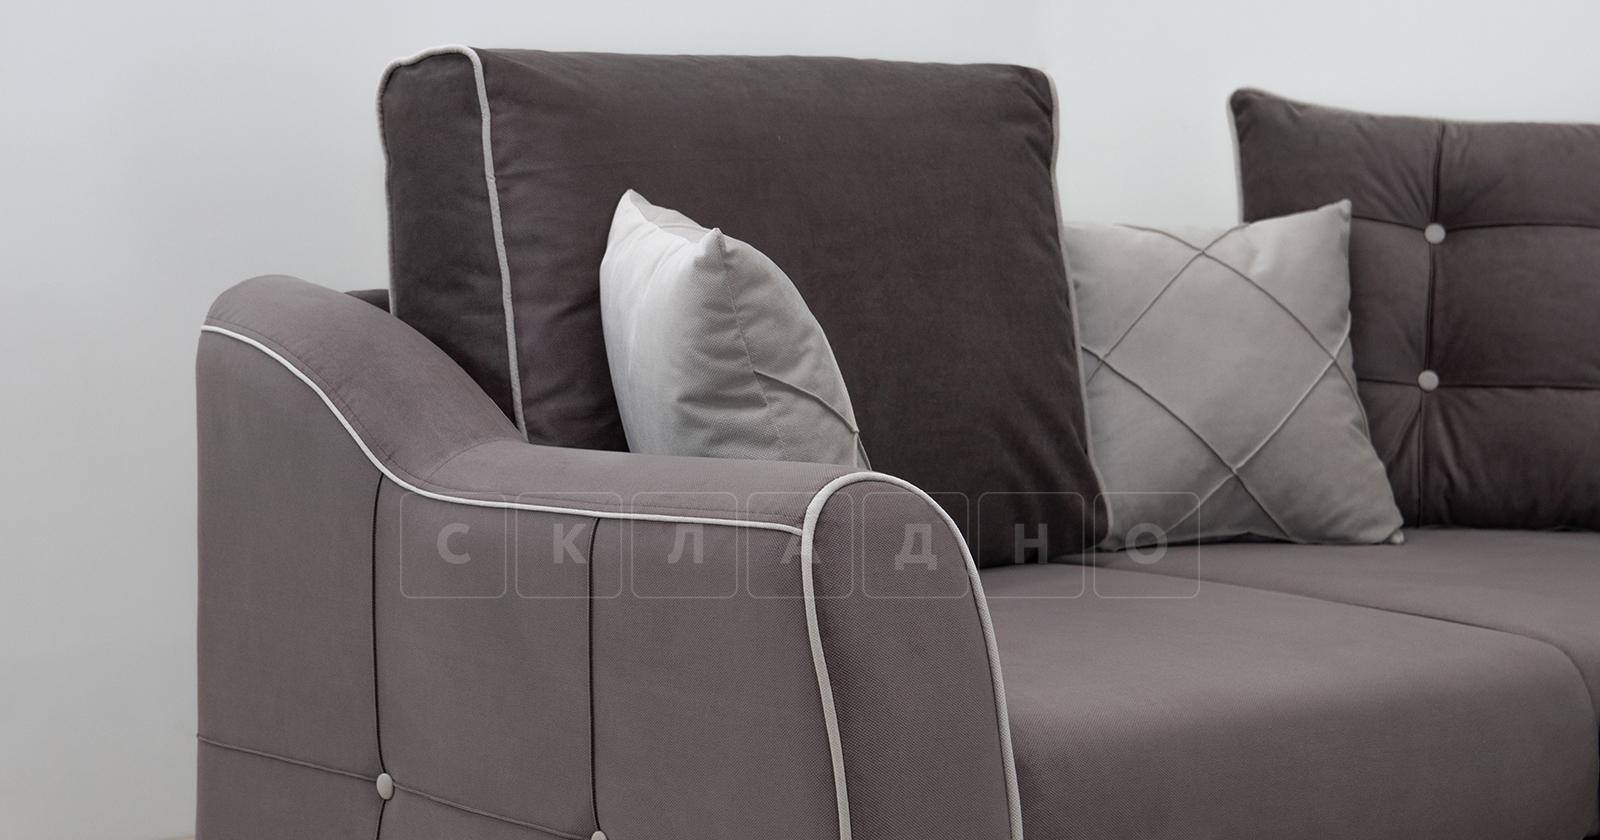 Диван-кровать угловой Флэтфорд шоколад фото 9 | интернет-магазин Складно